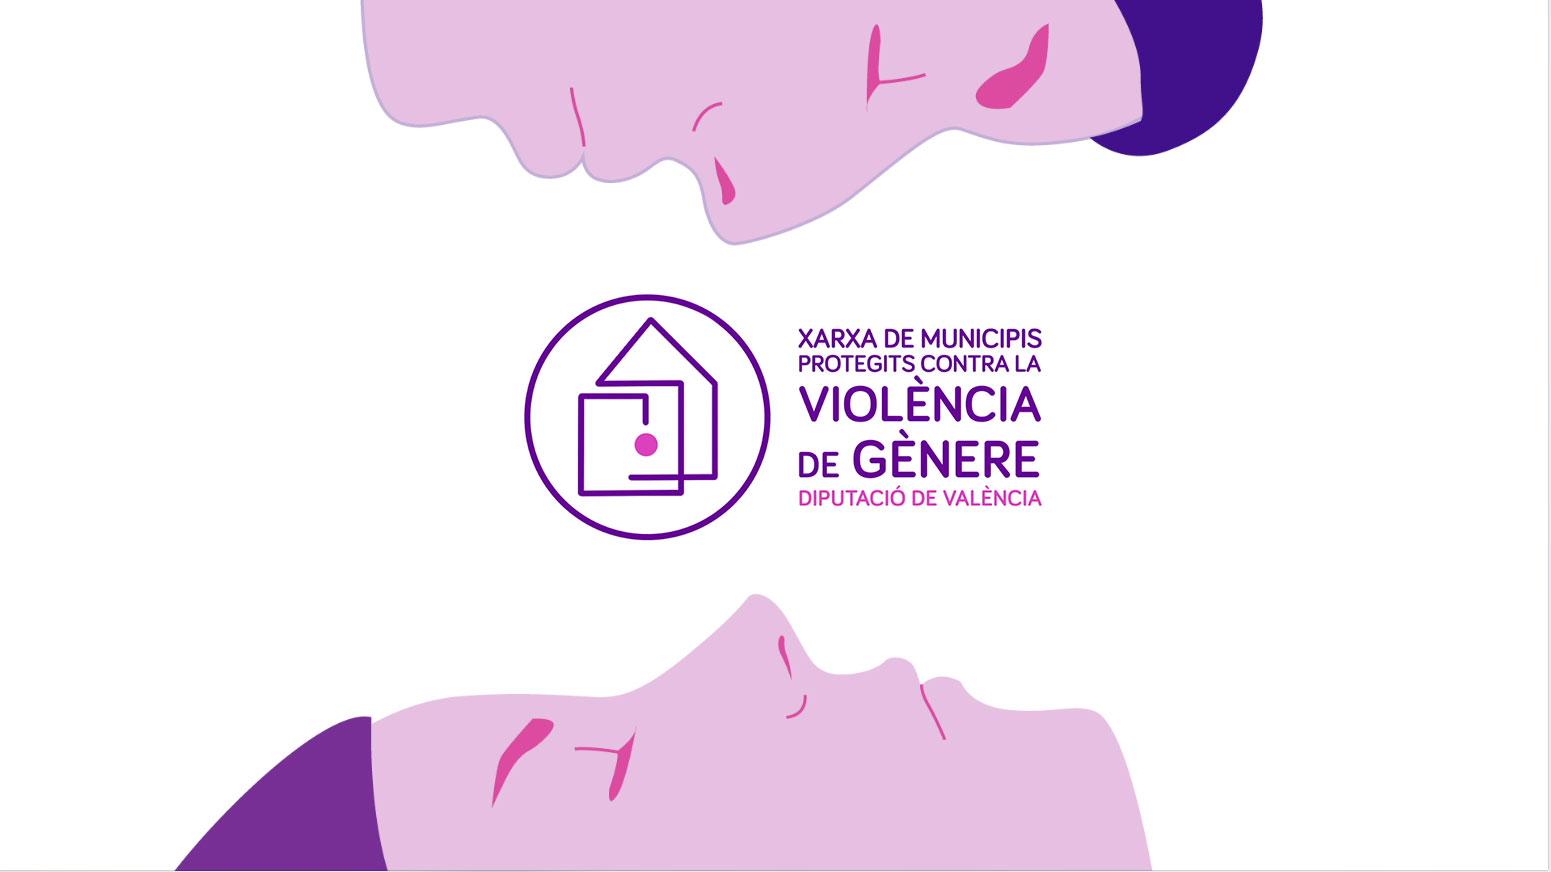 Municipios contra la violencia de género